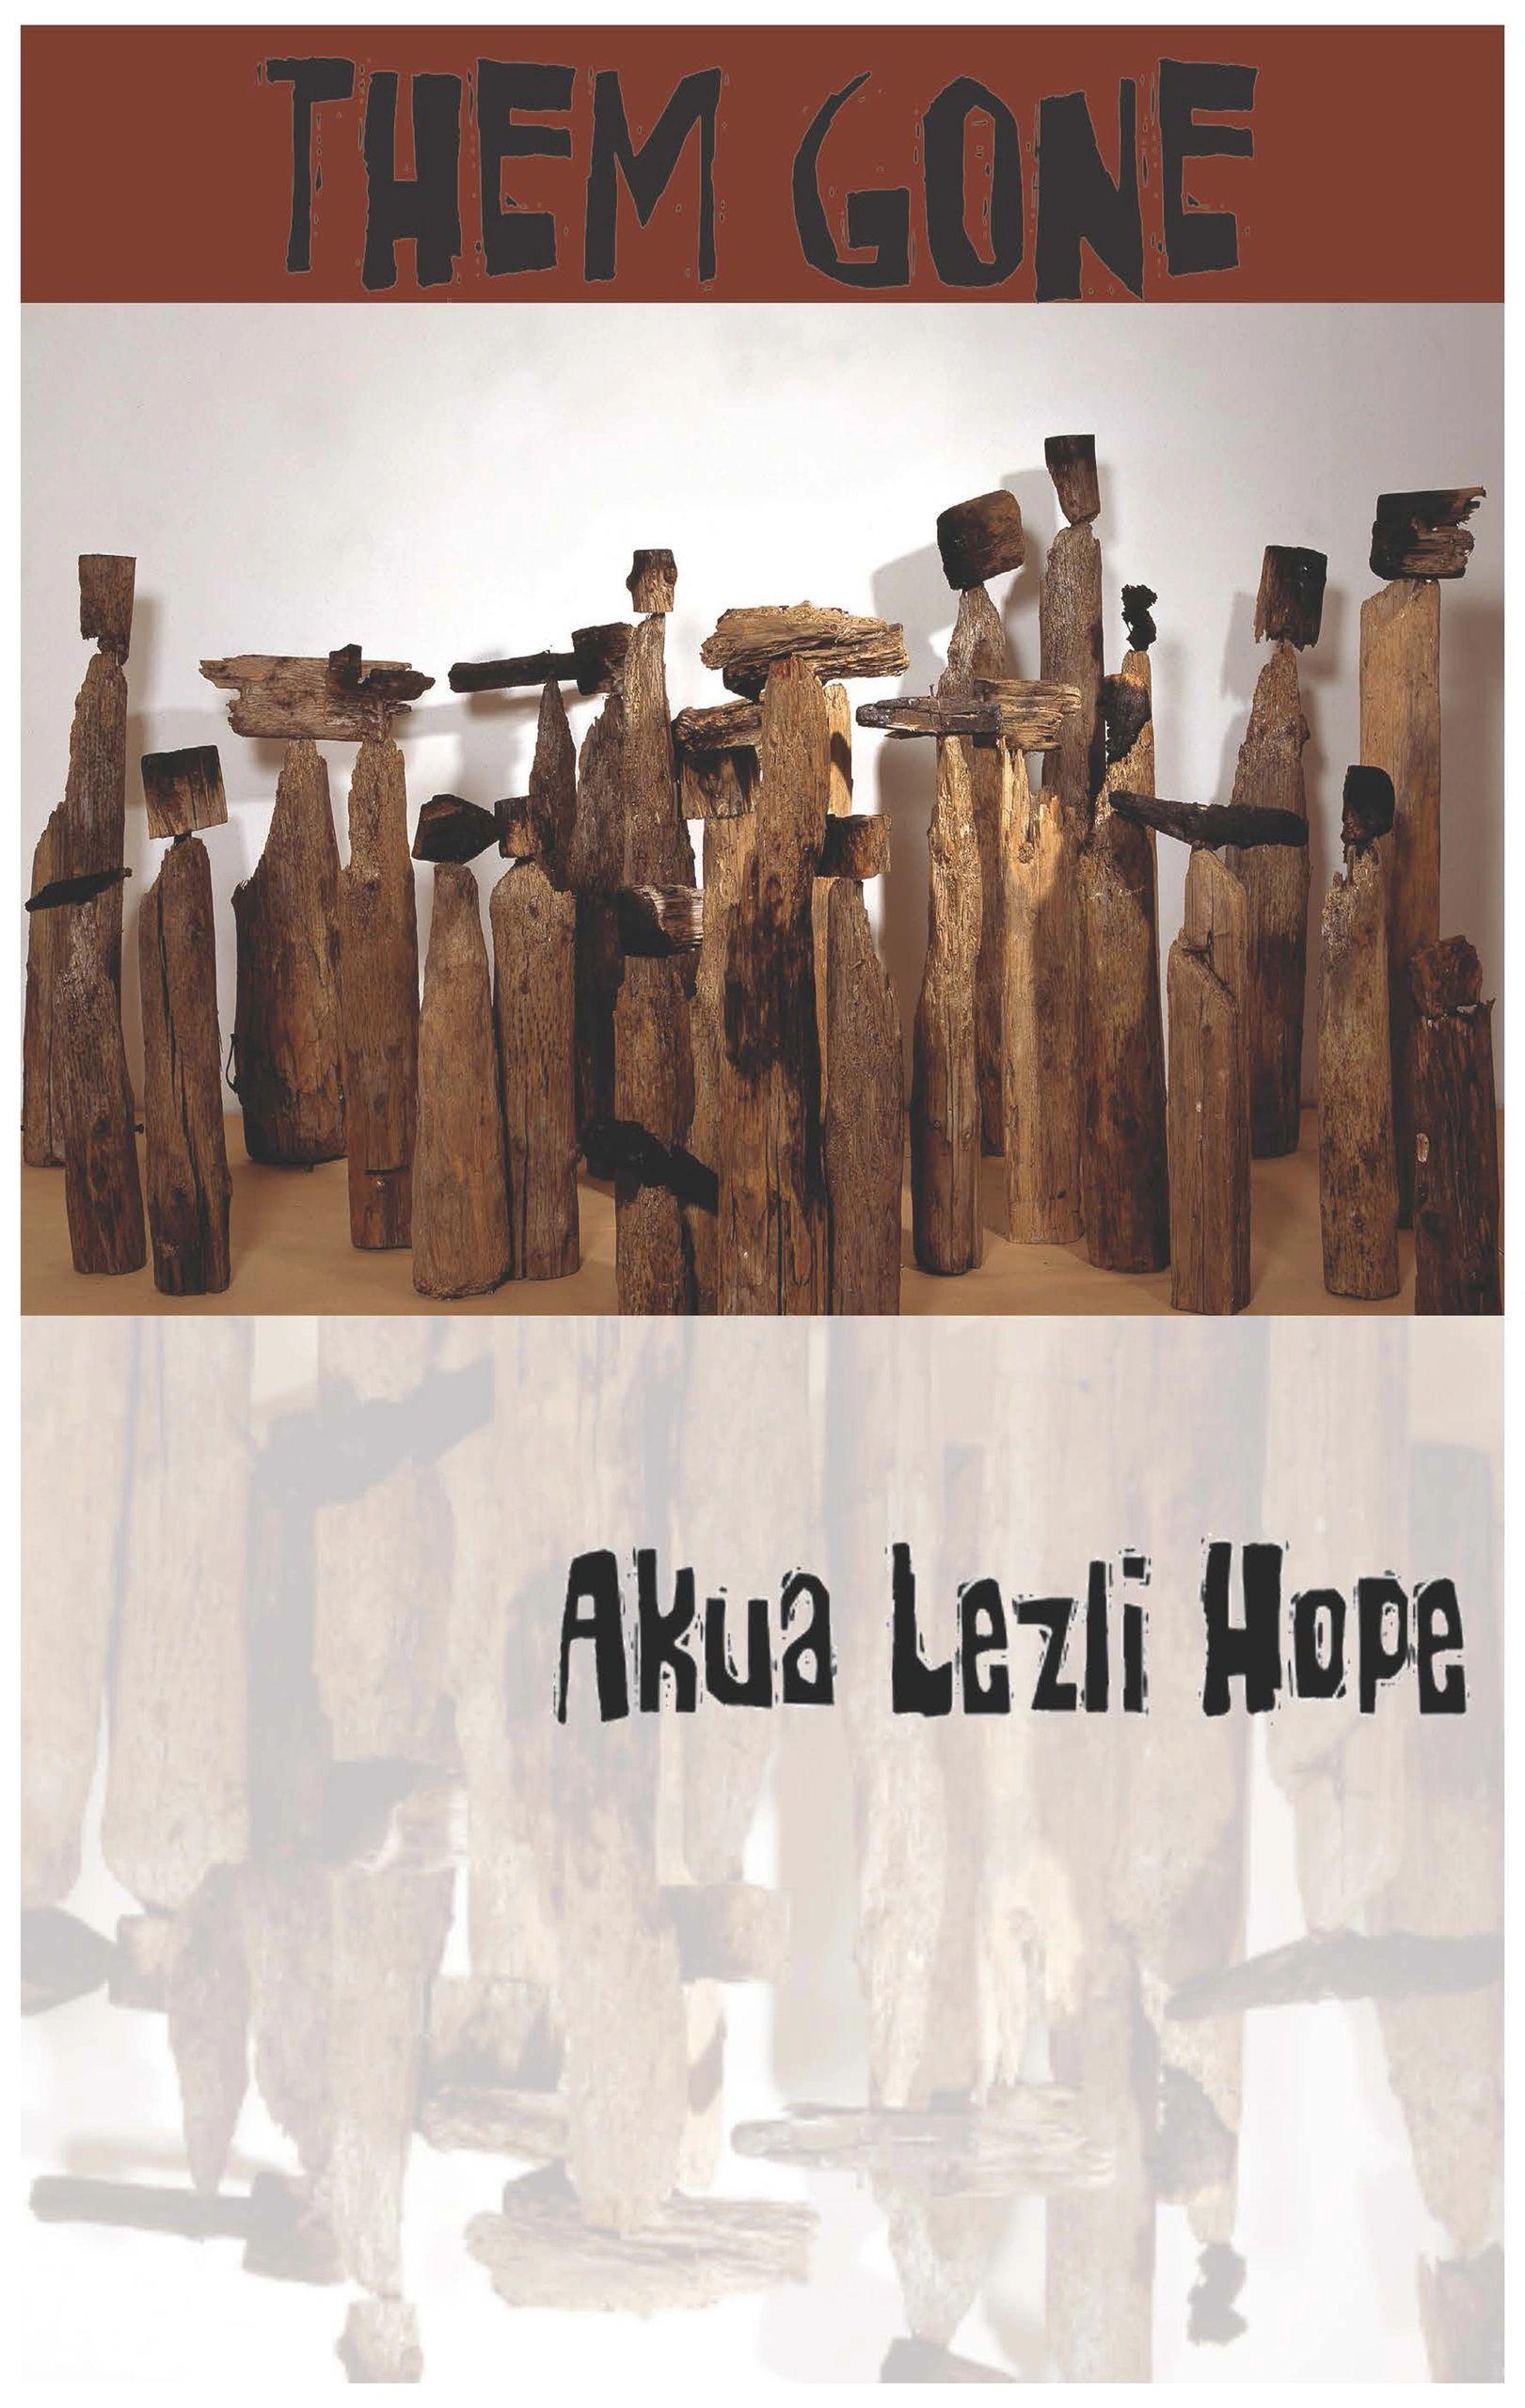 Publications and Readings | AKUA LEZLI HOPE